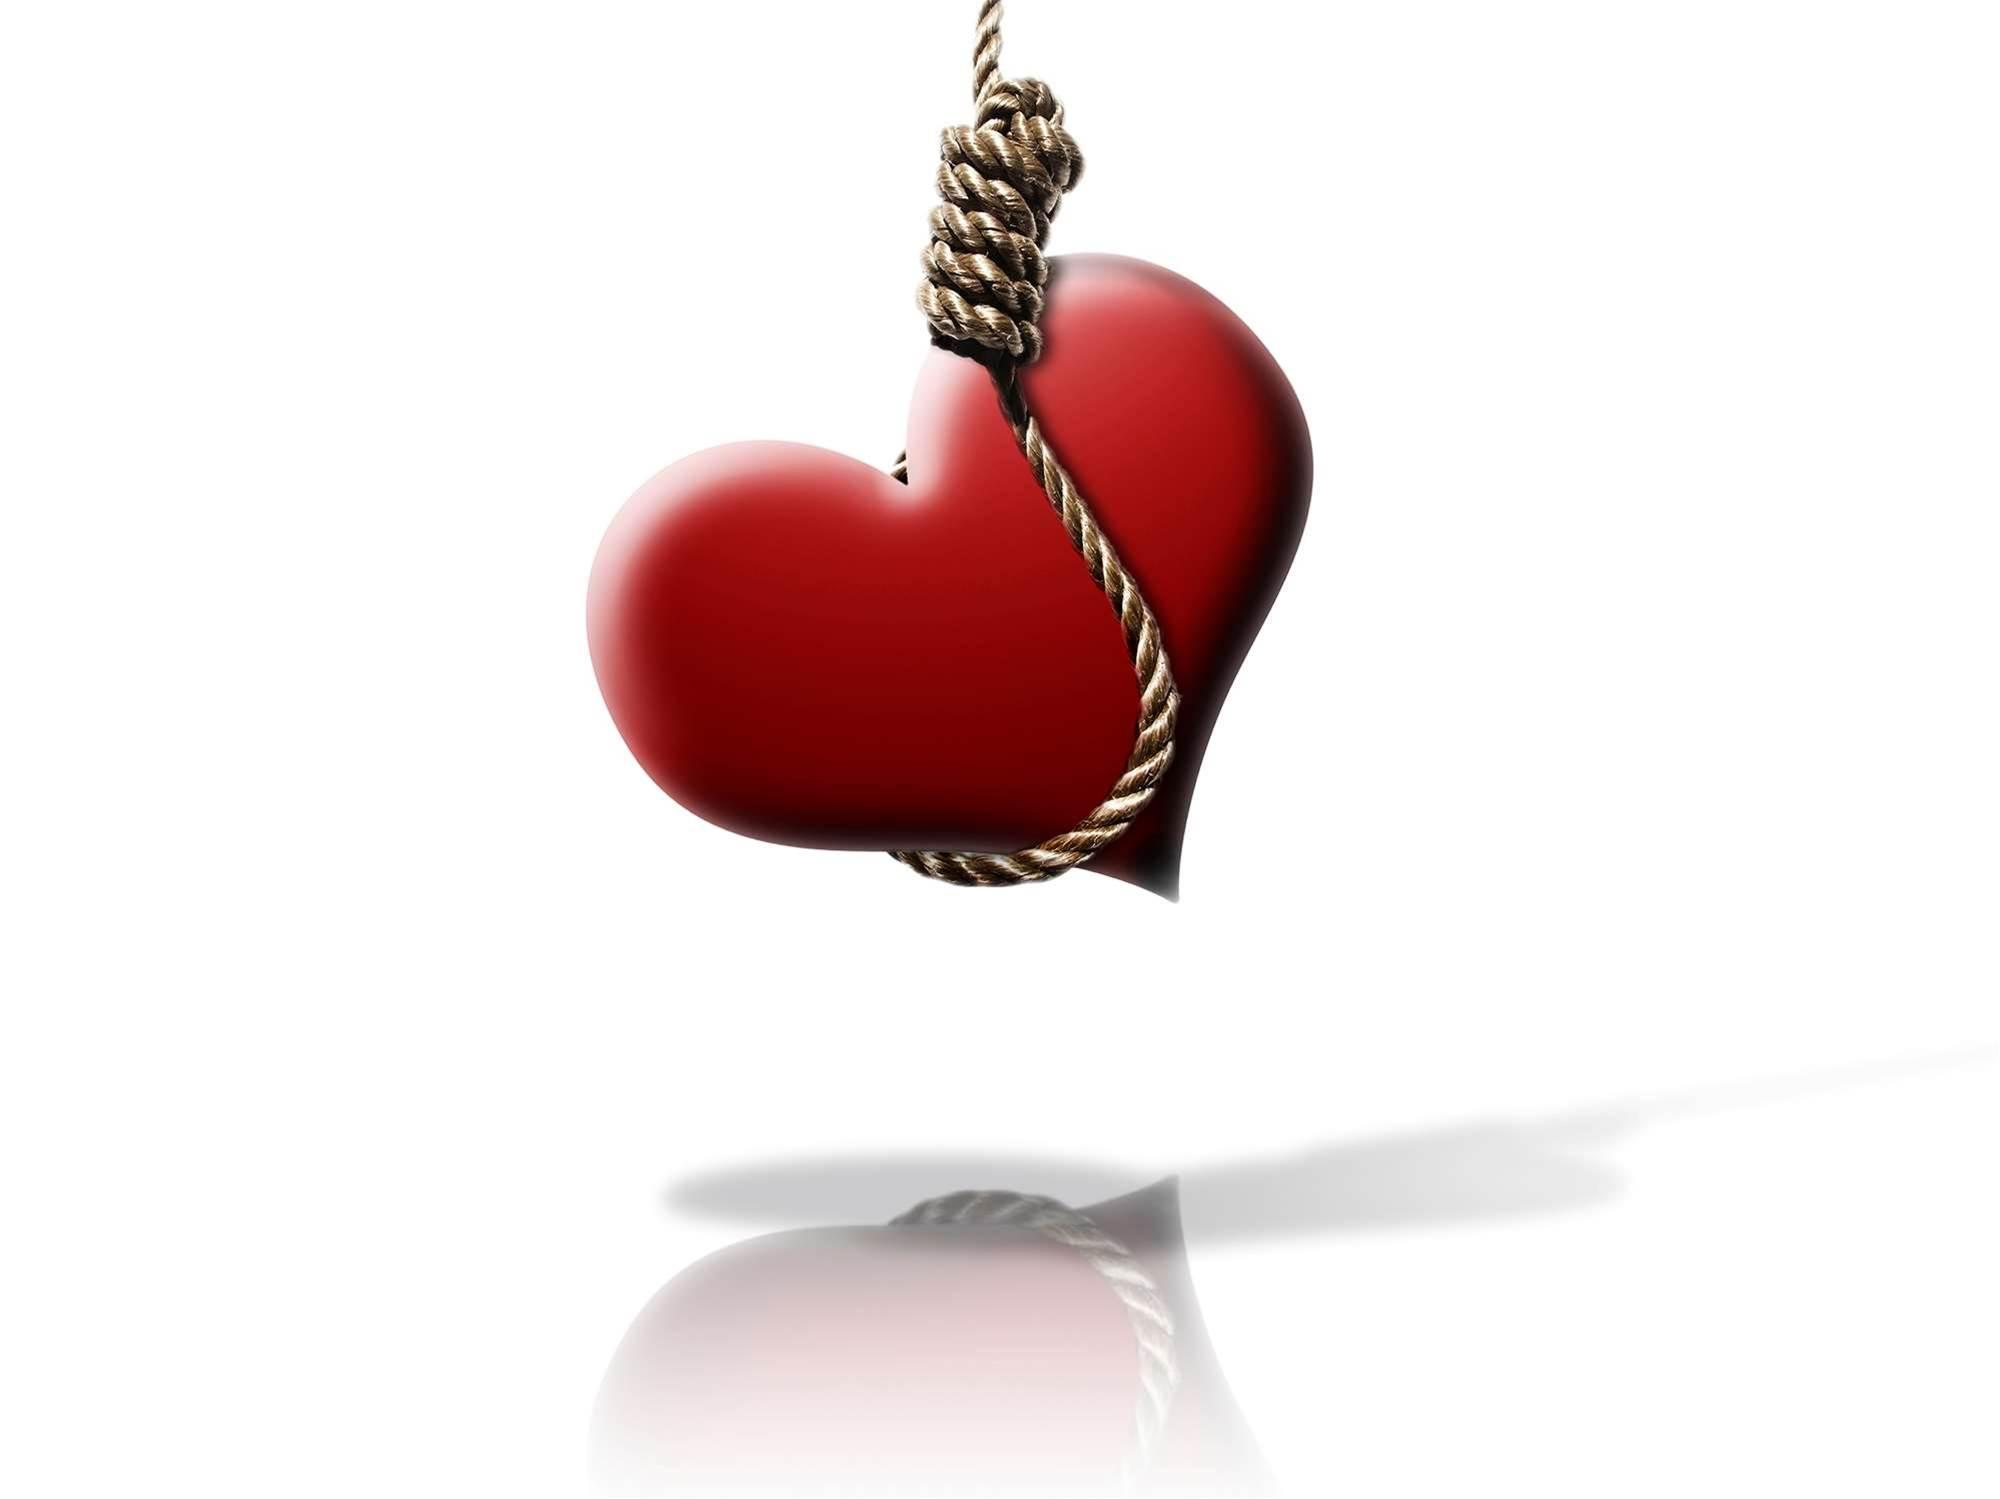 Online love seekers warned of flirt-bots